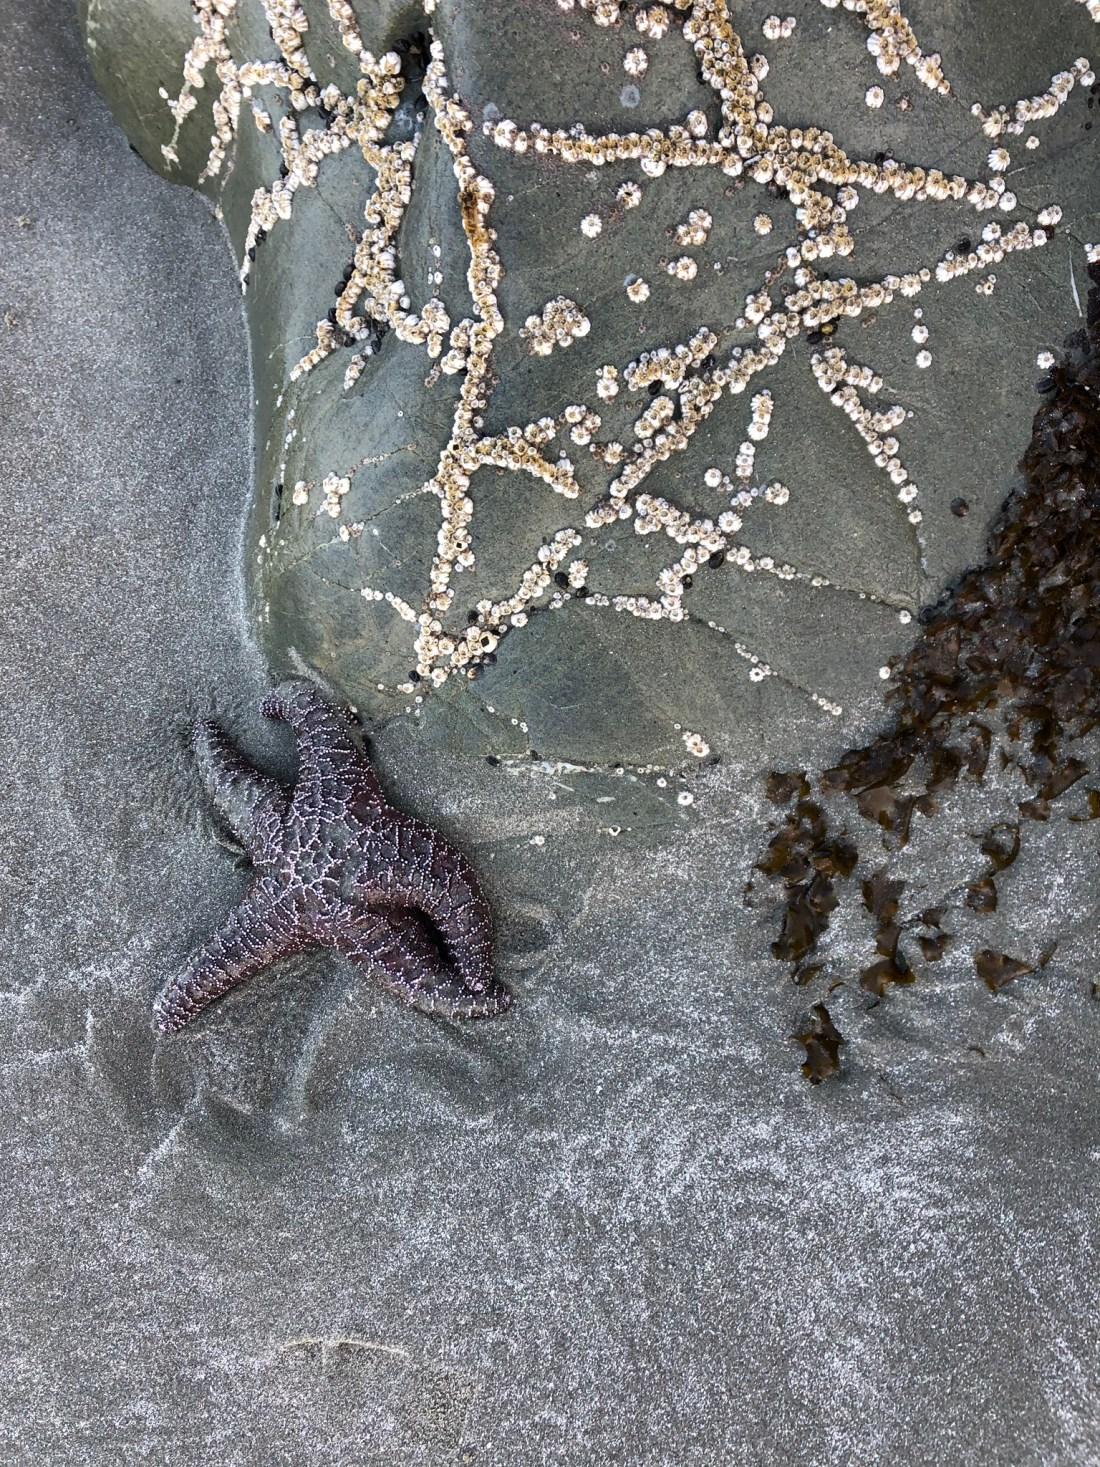 Starfish on Cox Bay Beach, Tofino